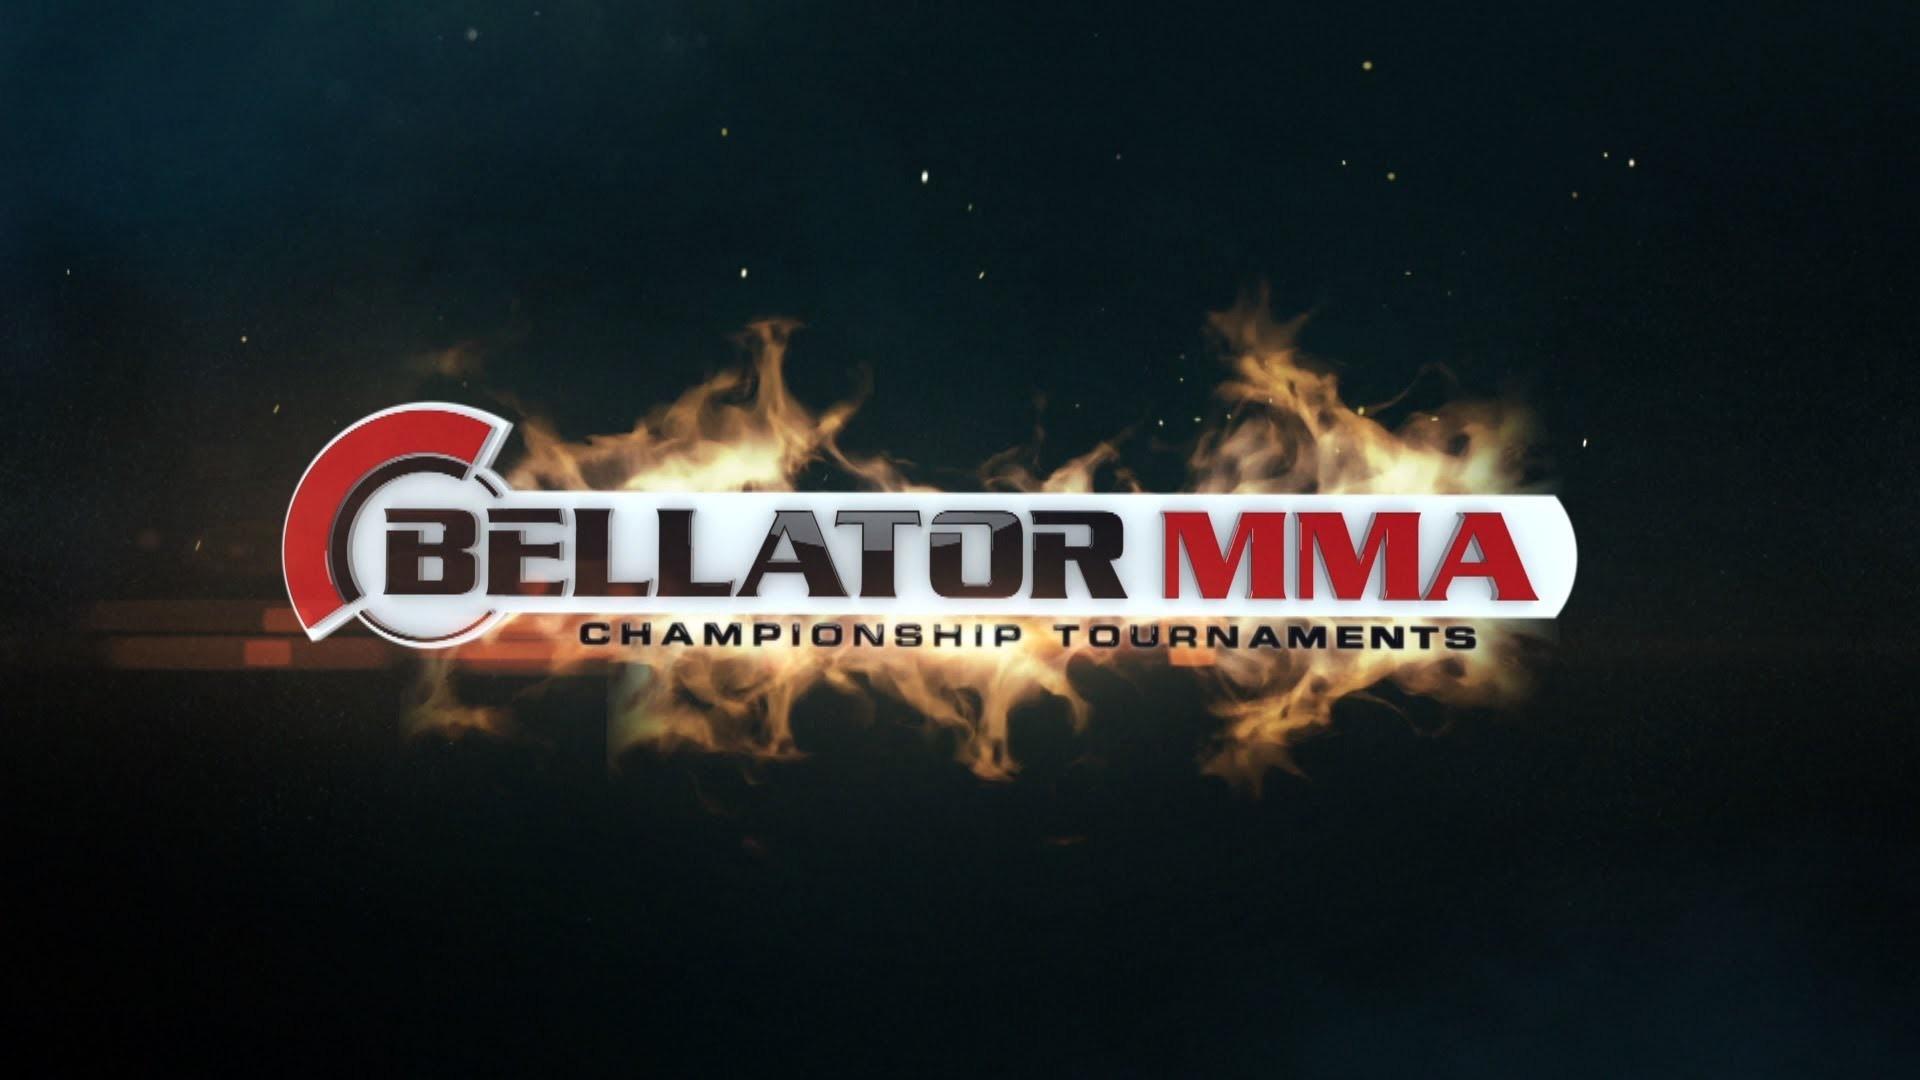 Bellator MMA wallpaper